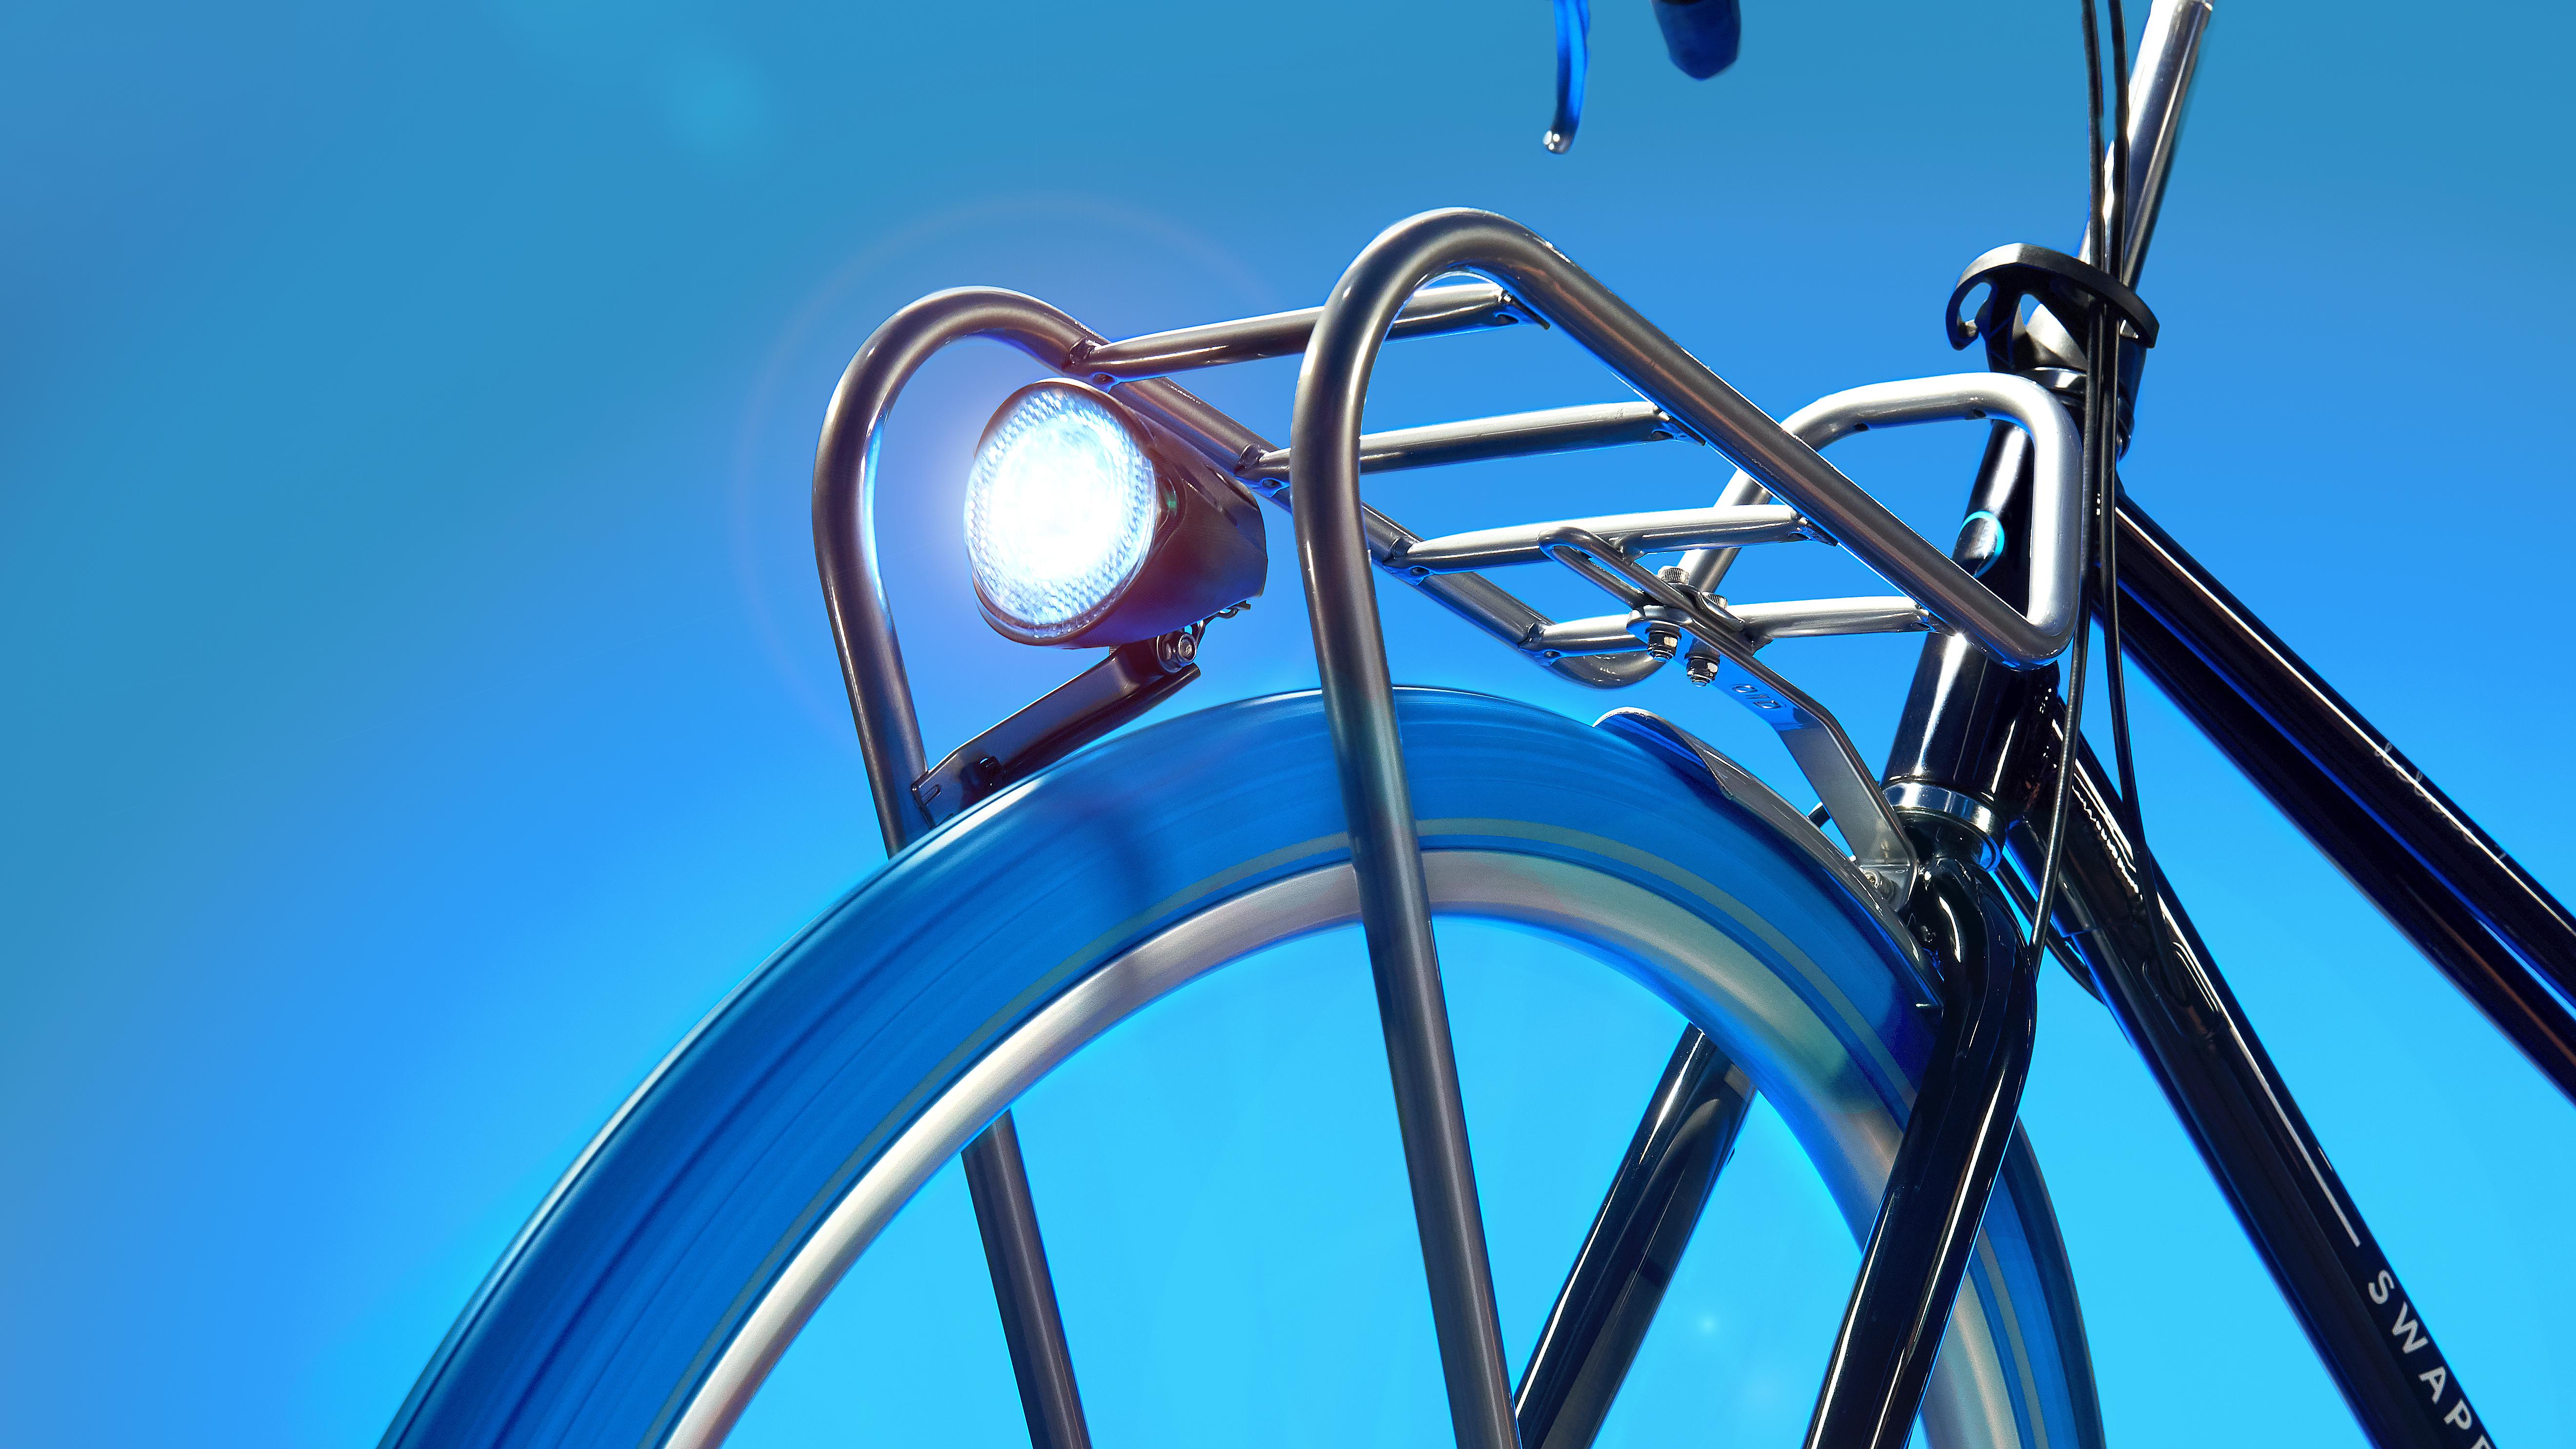 SZ000934-Swapfiets-lamp support-31752-2.jpg